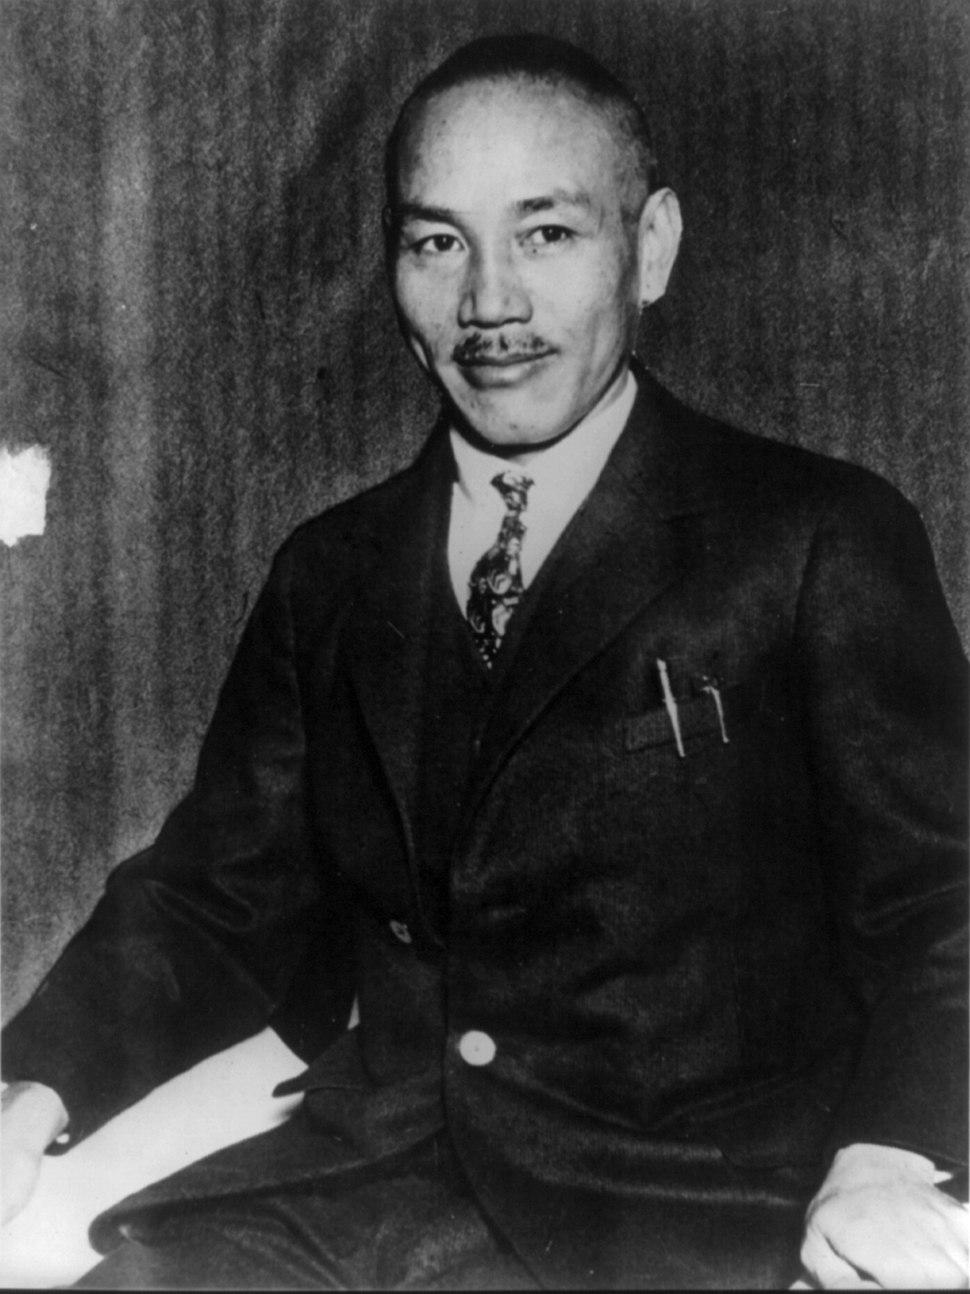 Chiang Kai-Shek cph.3b17136